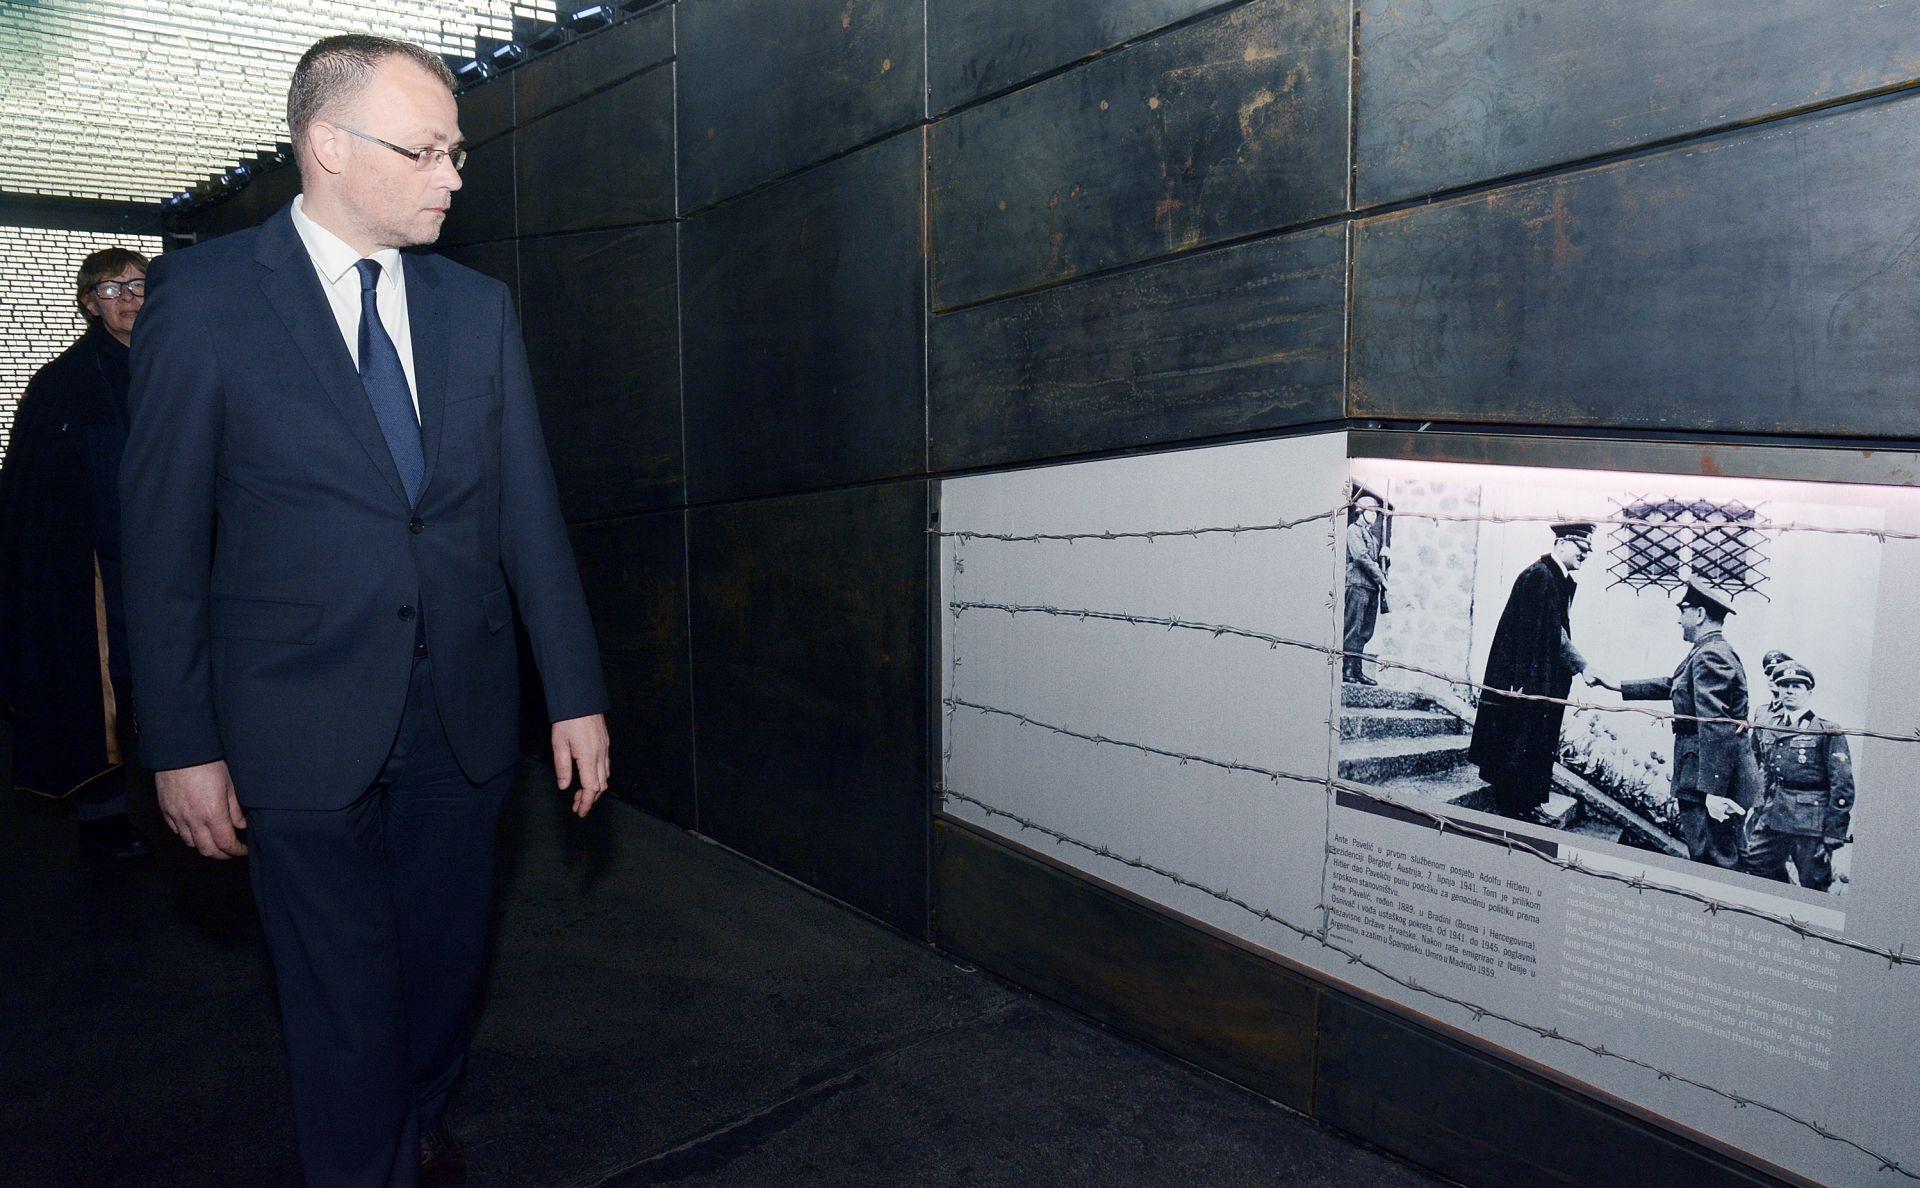 KOMEMORACIJA U JASENOVCU Hasanbegović: Odgovorni su oni koji bojkotiraju službenu komemoraciju